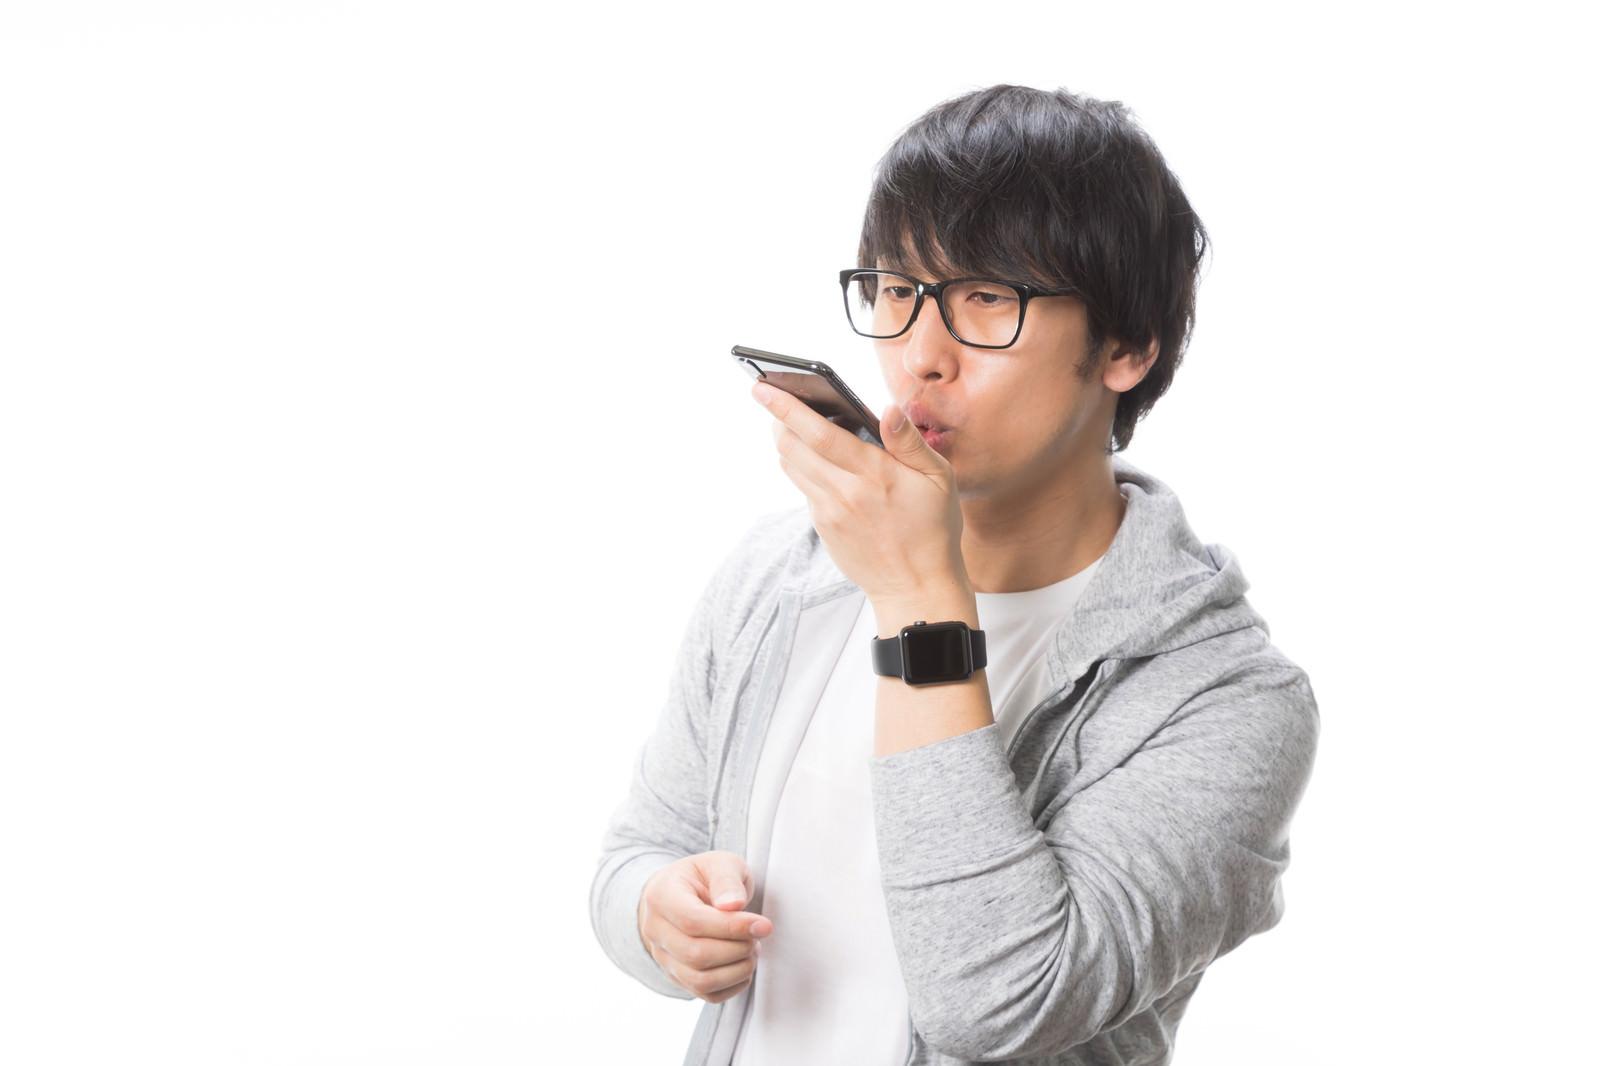 「Siriに話しかける男性」の写真[モデル:大川竜弥]